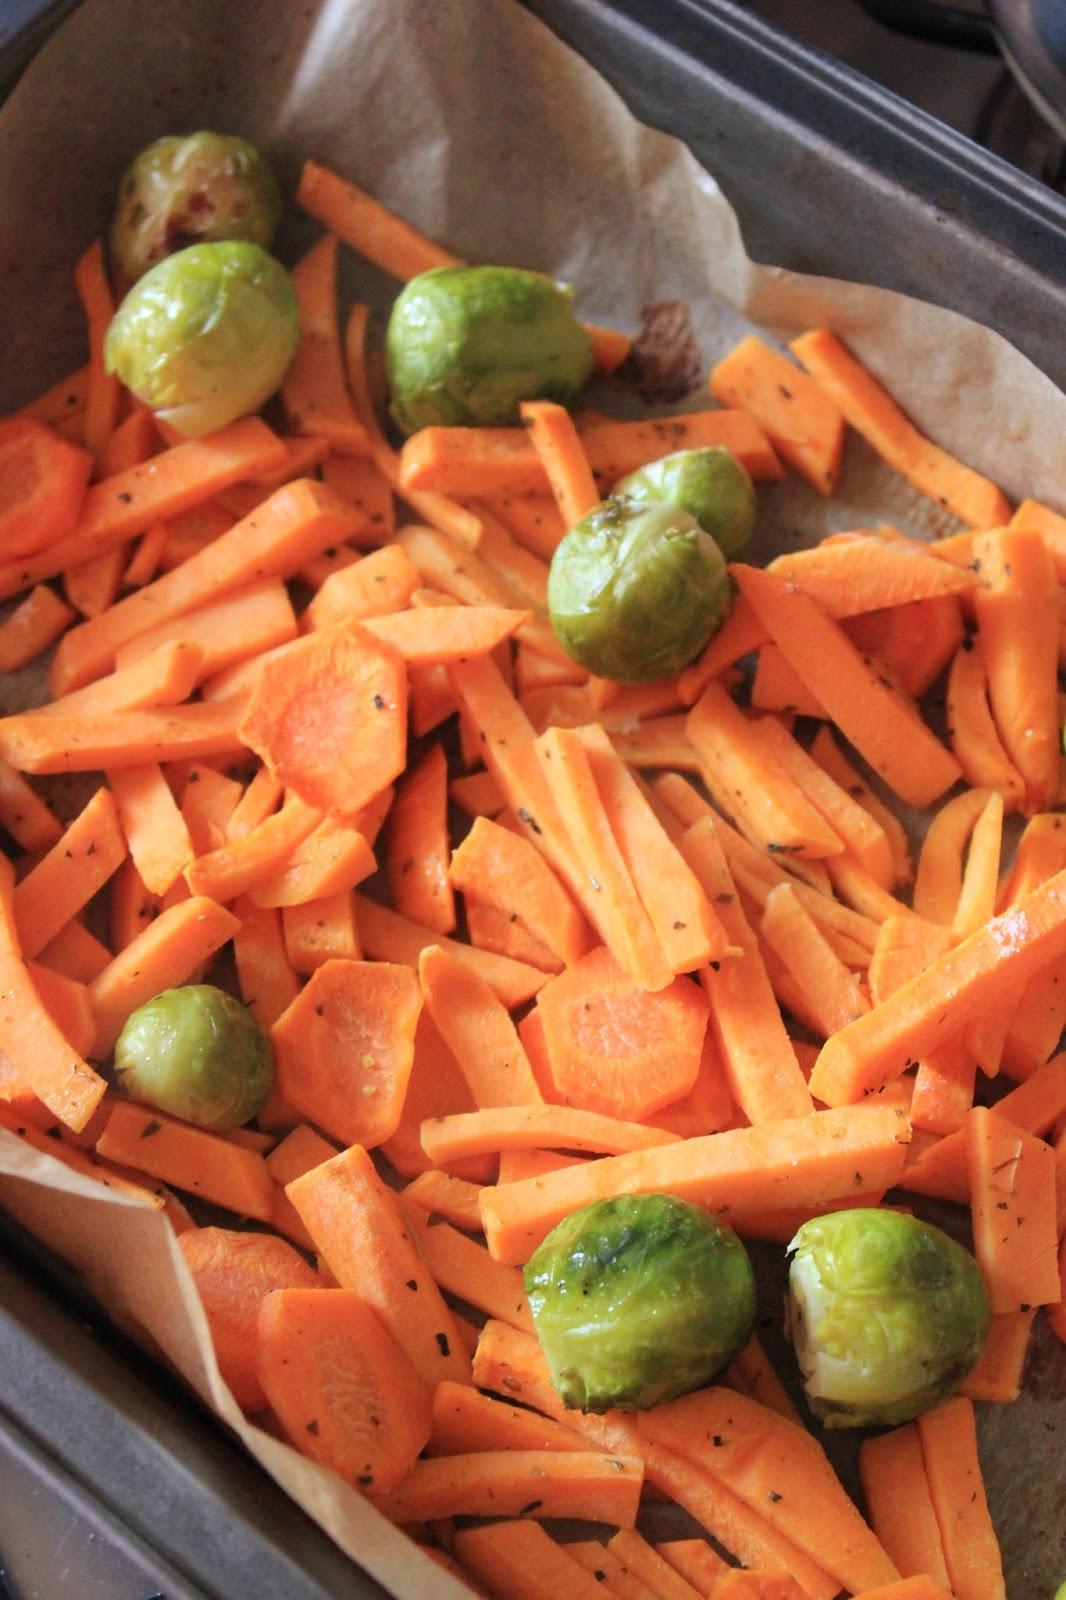 Blw Warzywa Pieczone Dla Niemowlaka Tysia Gotuje Blog Kulinarny